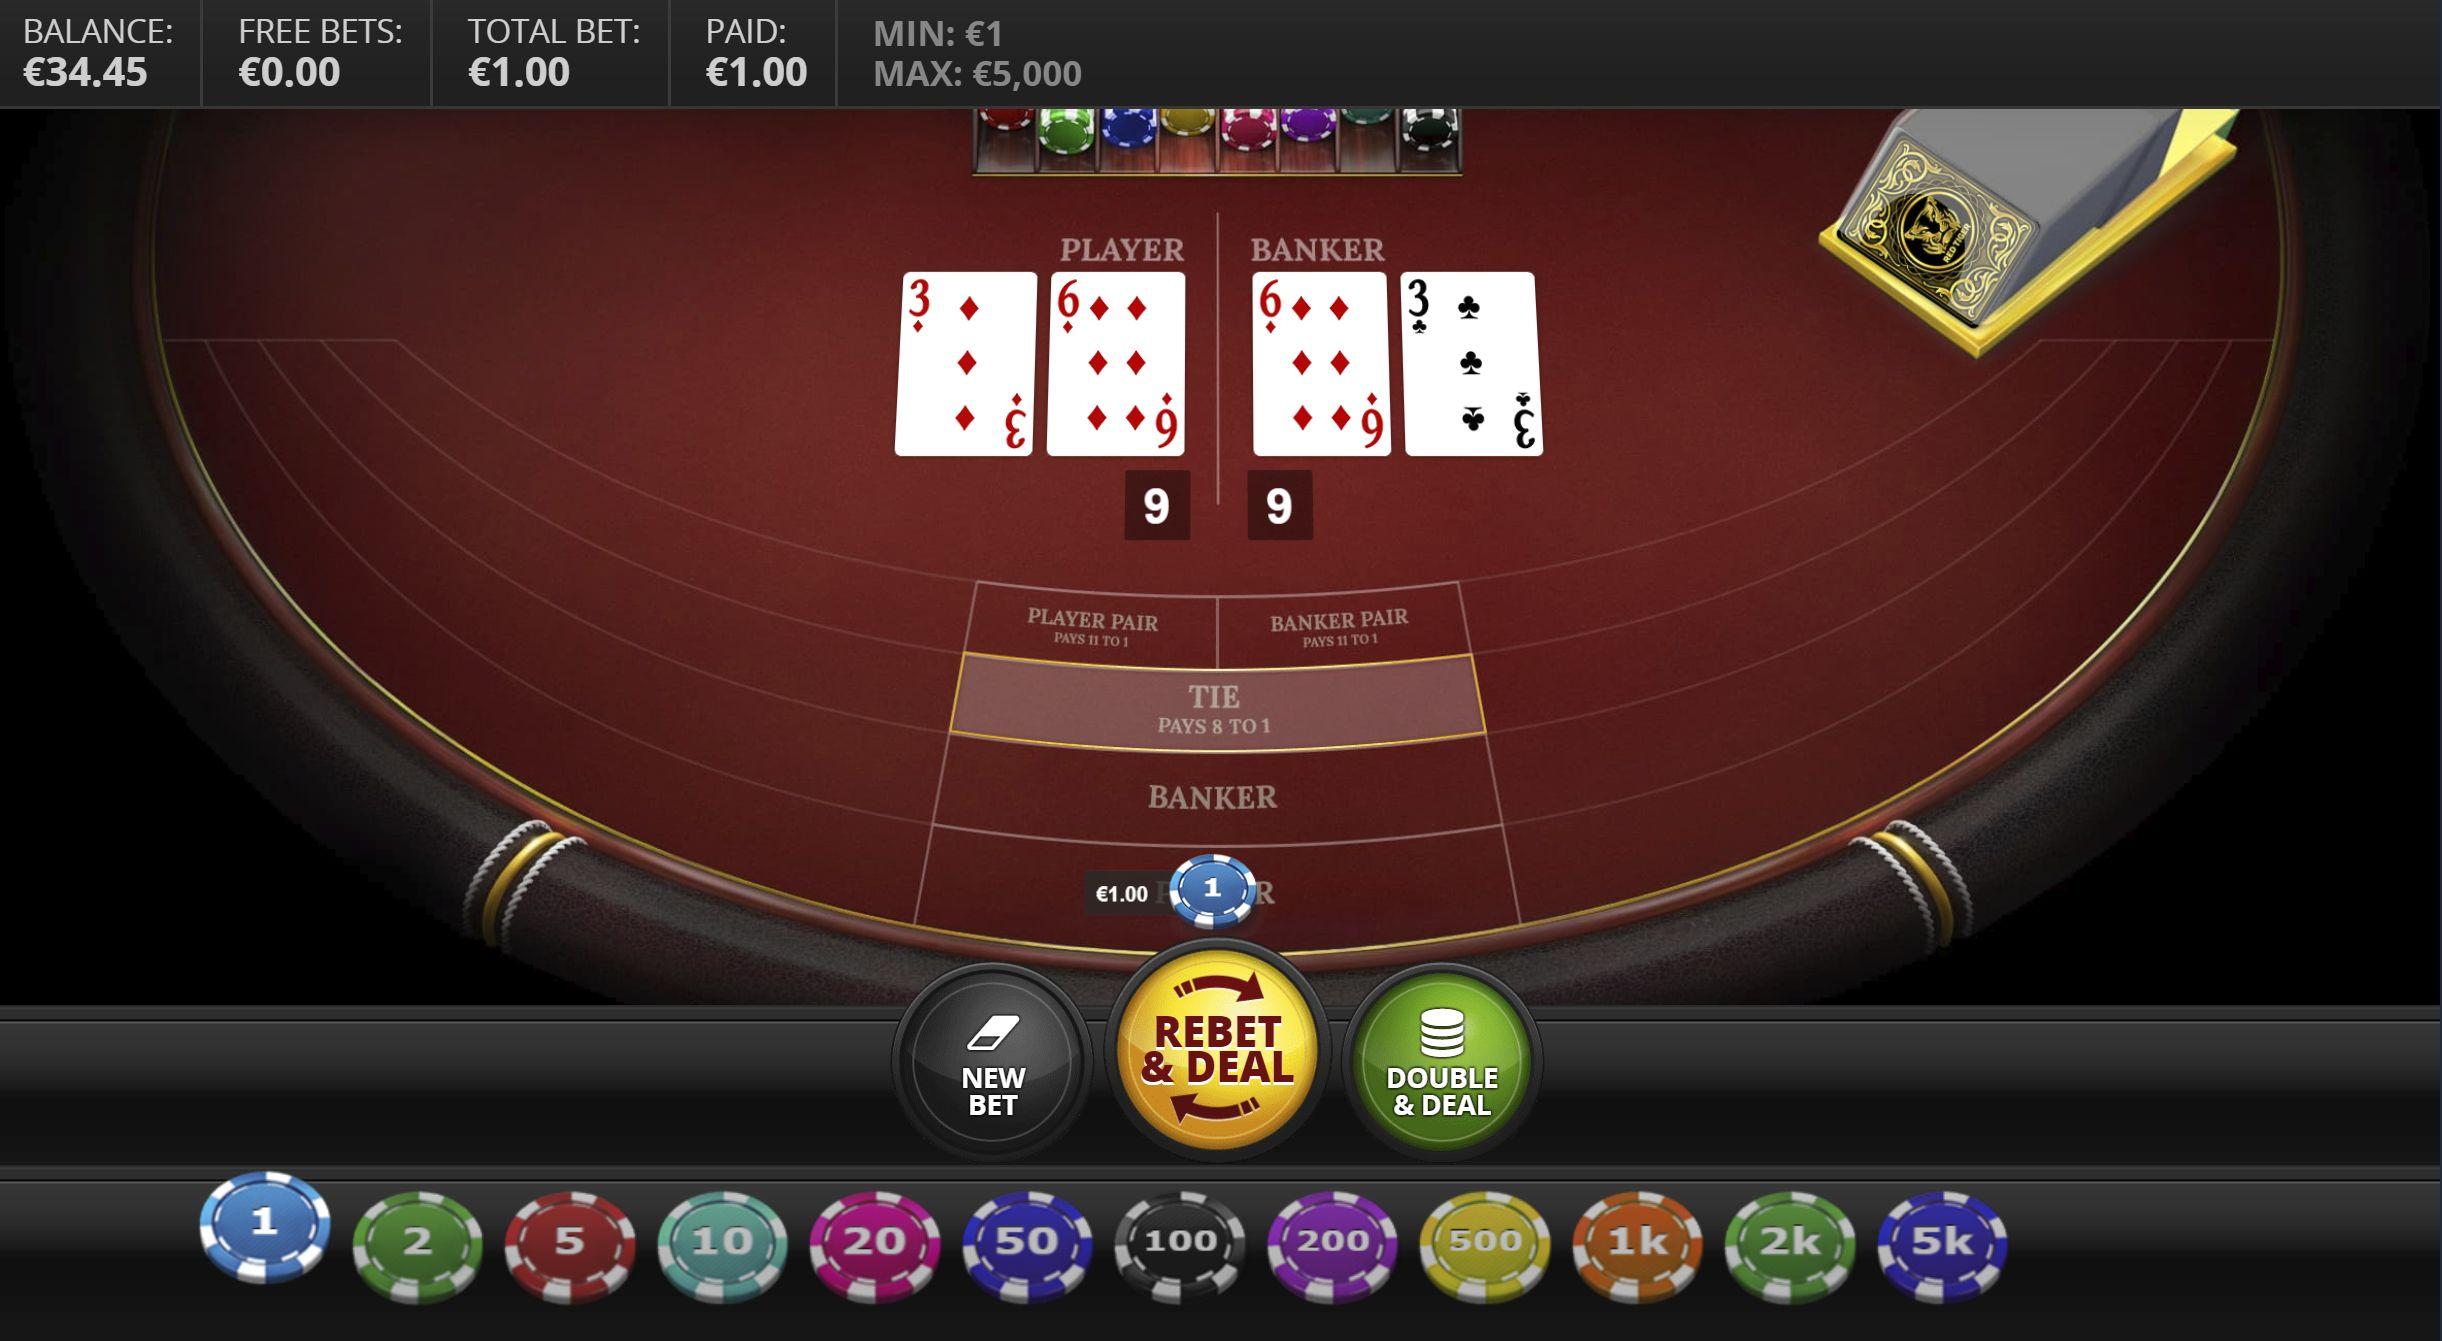 baccarat strategia_kasinopelit netissä_vedonlyöntikertoimet_parhaat netticasinot